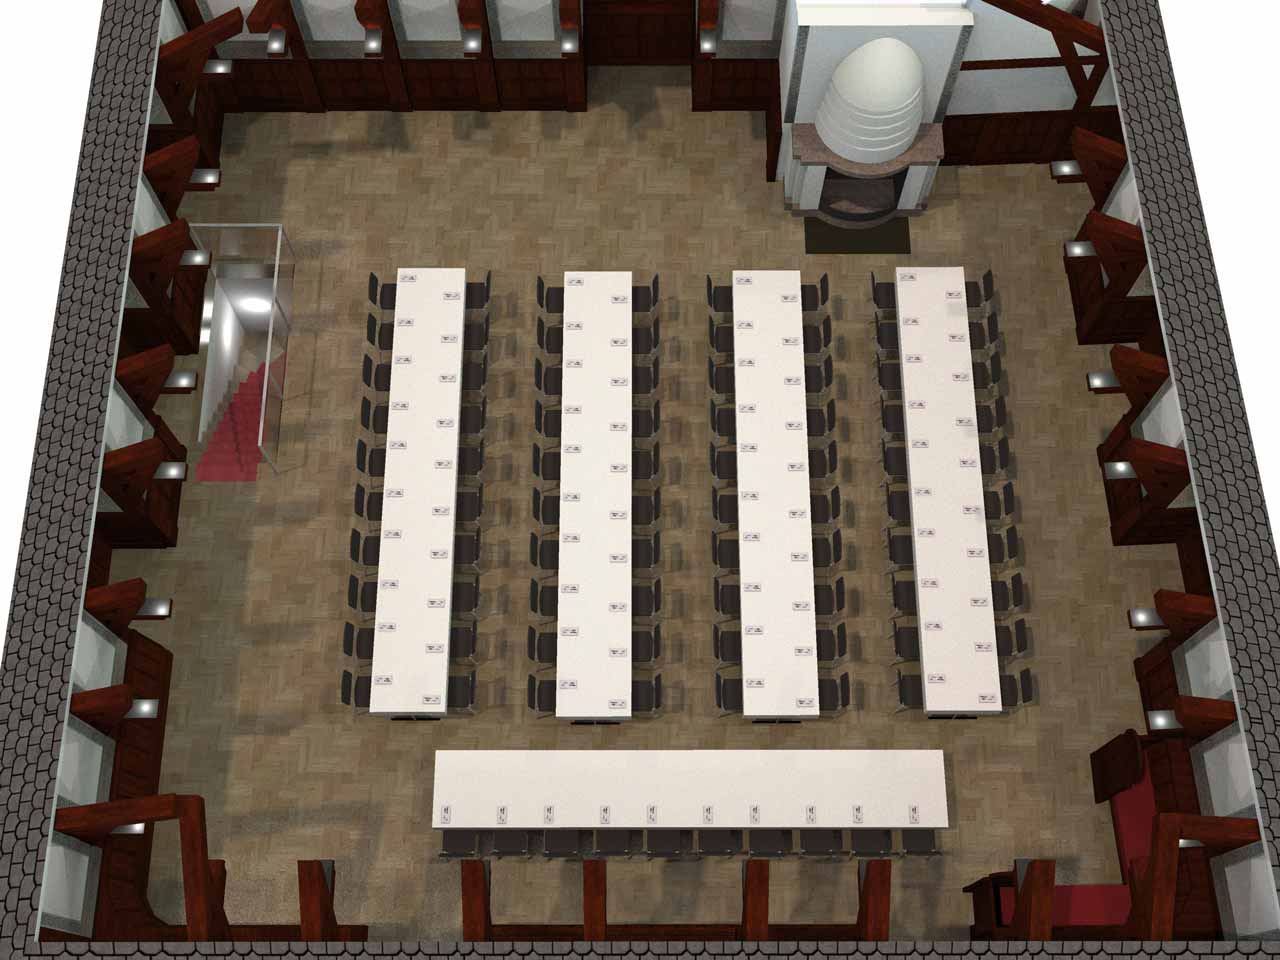 Placeringsskiss, Clustret, 90 gäster med honnörsbord